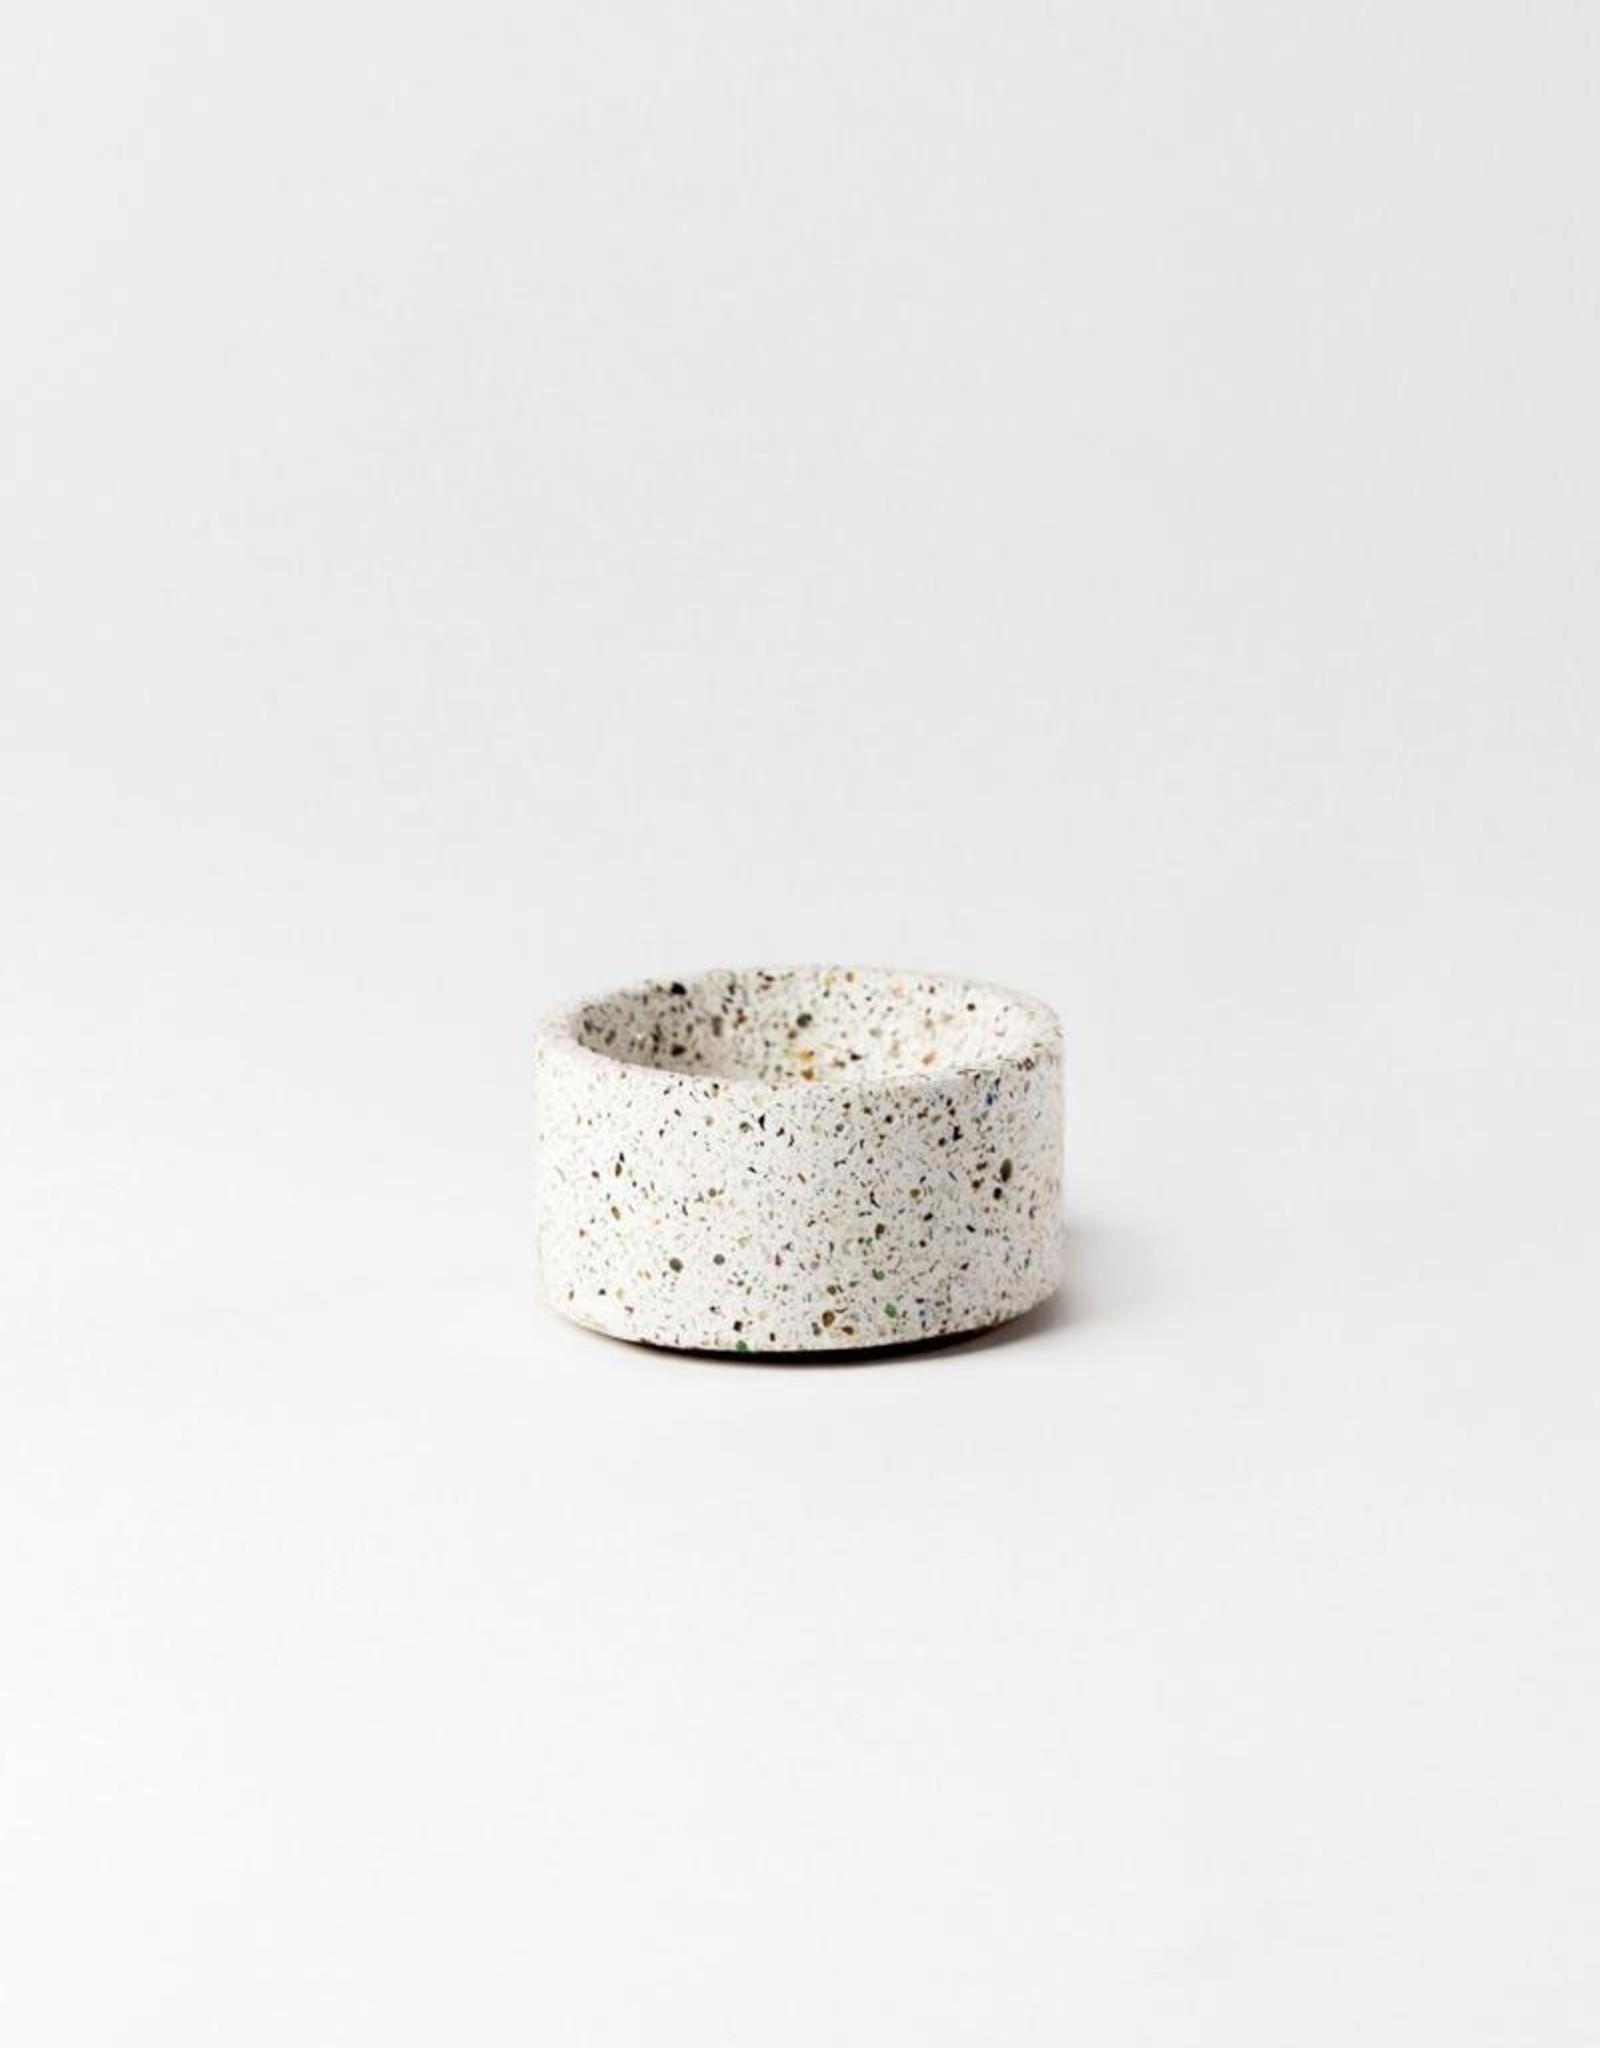 pretti.cool Terrazzo Incense Holder - White